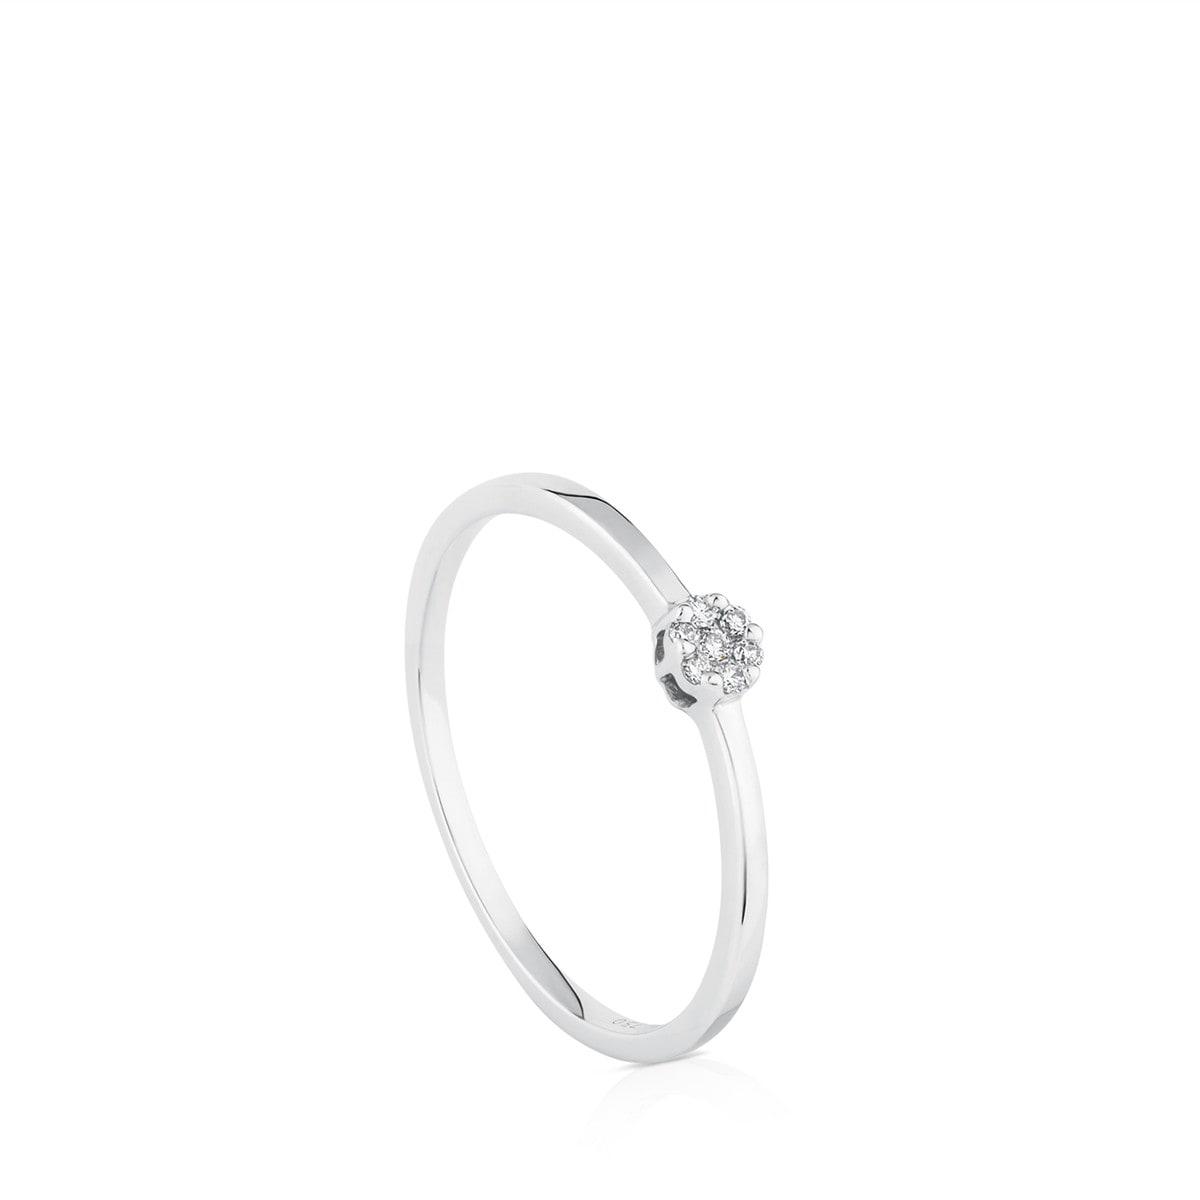 4e2373cba7ec Anillo TOUS Diamonds de Oro blanco con Diamantes - Sitio web Tous España